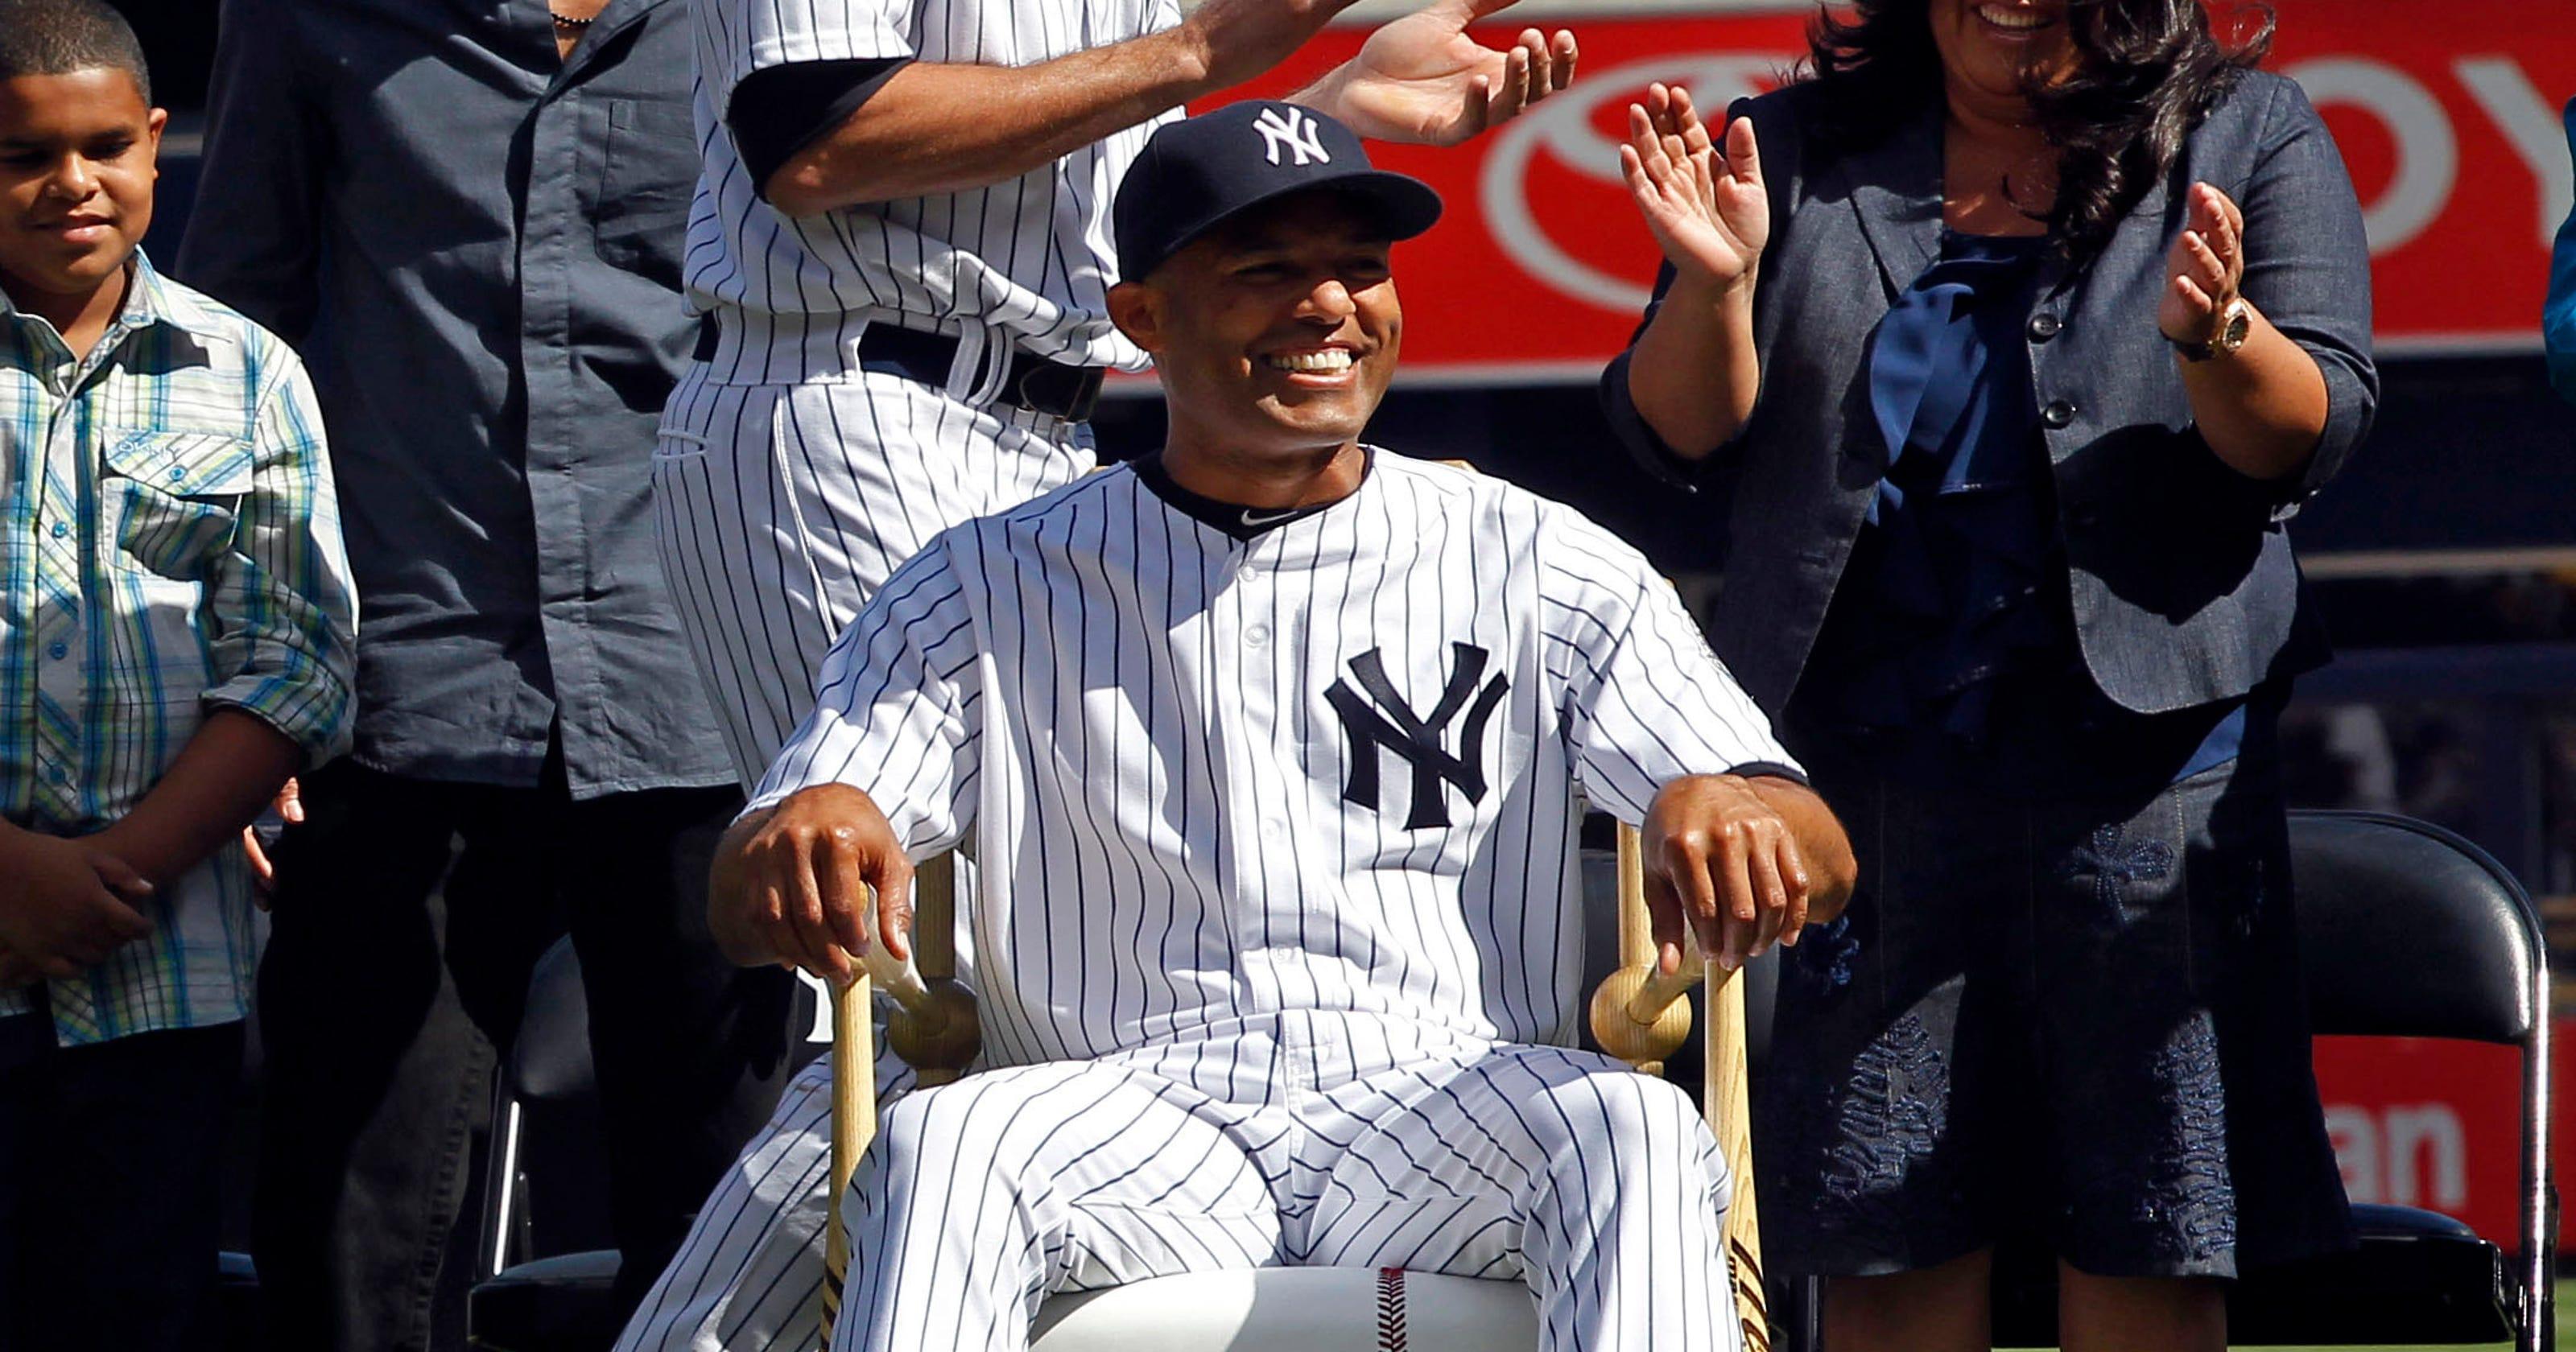 b008f59c1 Yankees honor Mariano Rivera in pregame ceremony